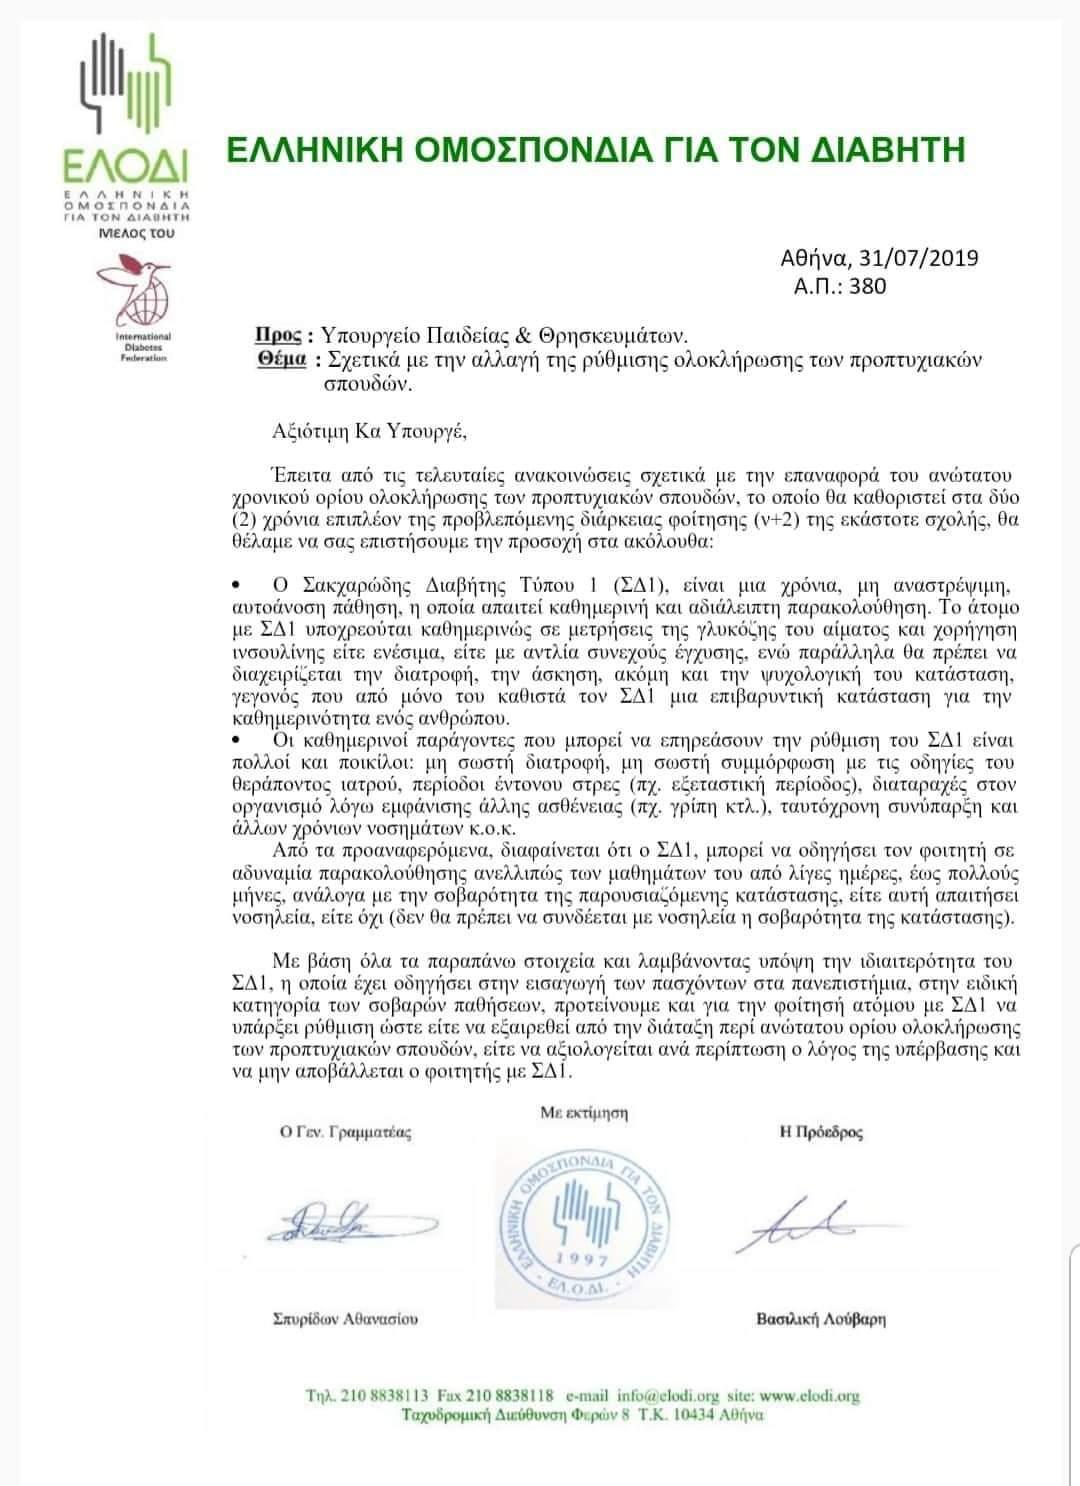 Η επιστολή της ΕΛΟΔΙ προς το Υπουργείο Υγείας